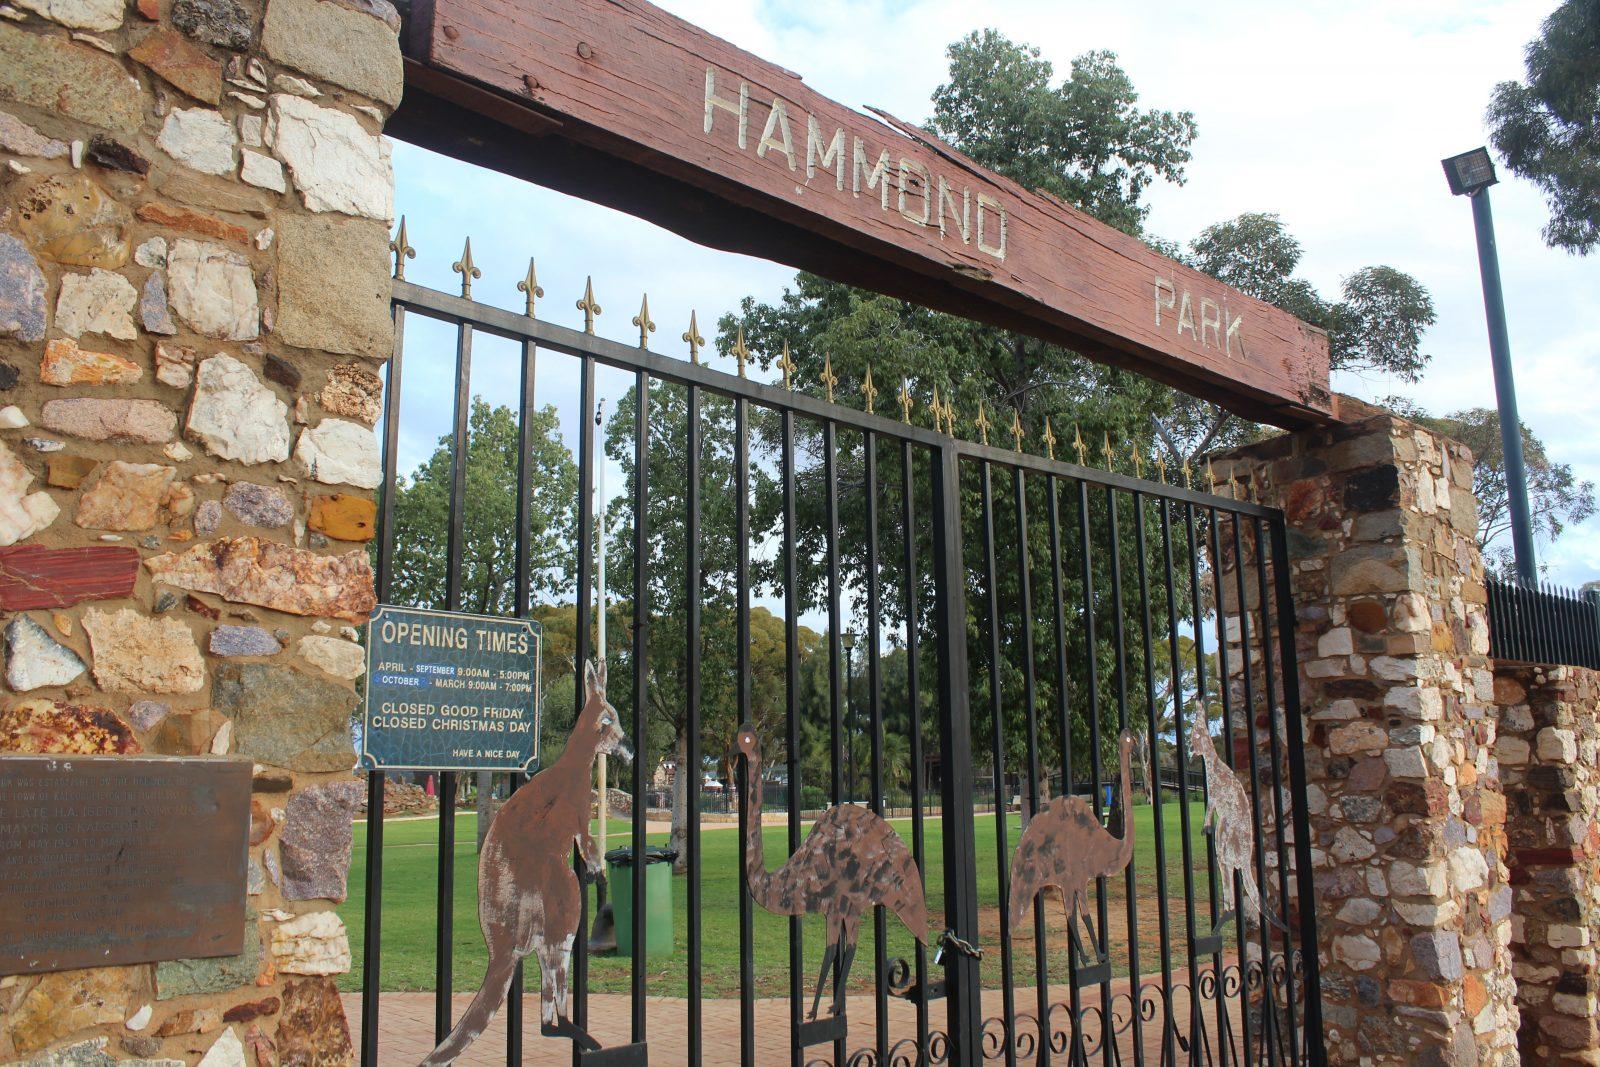 Hammond Park, Lamington, Western Australia